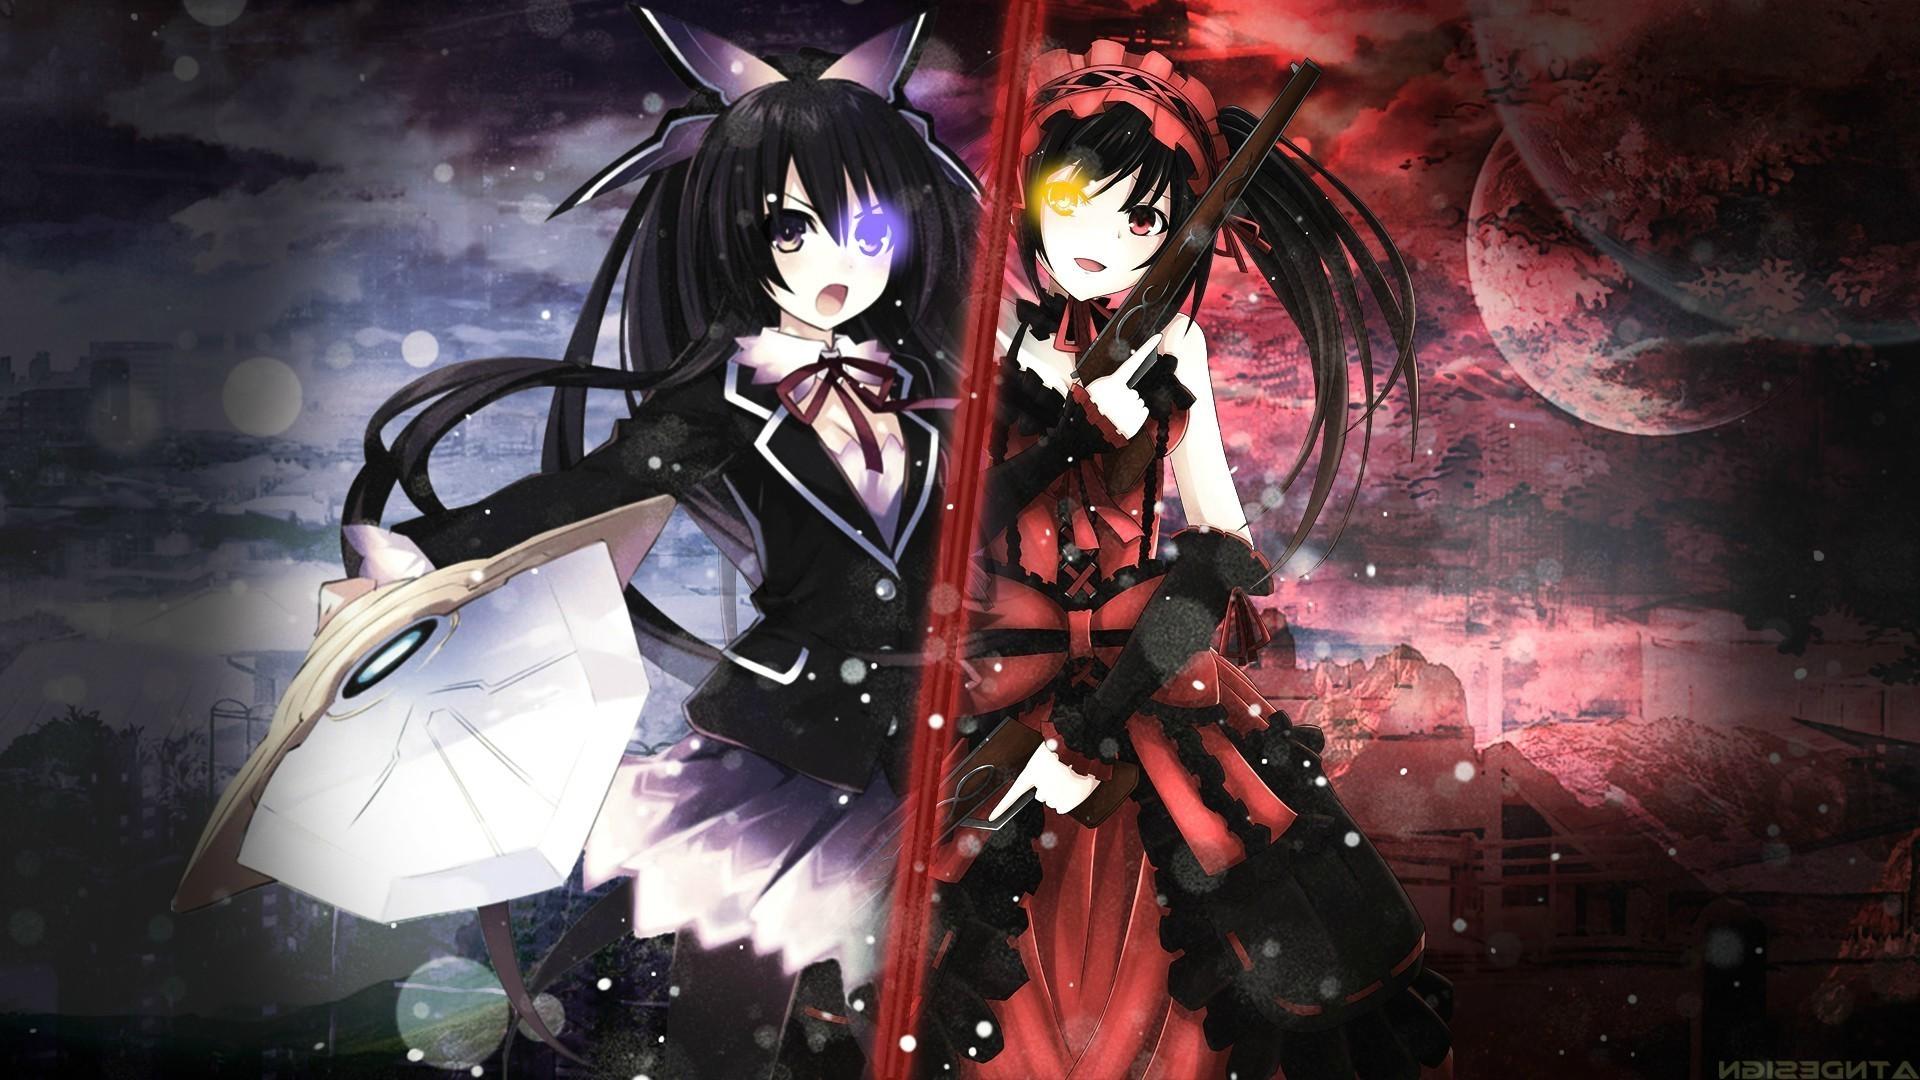 Image Result For Anime Live Wallpaper Full Version